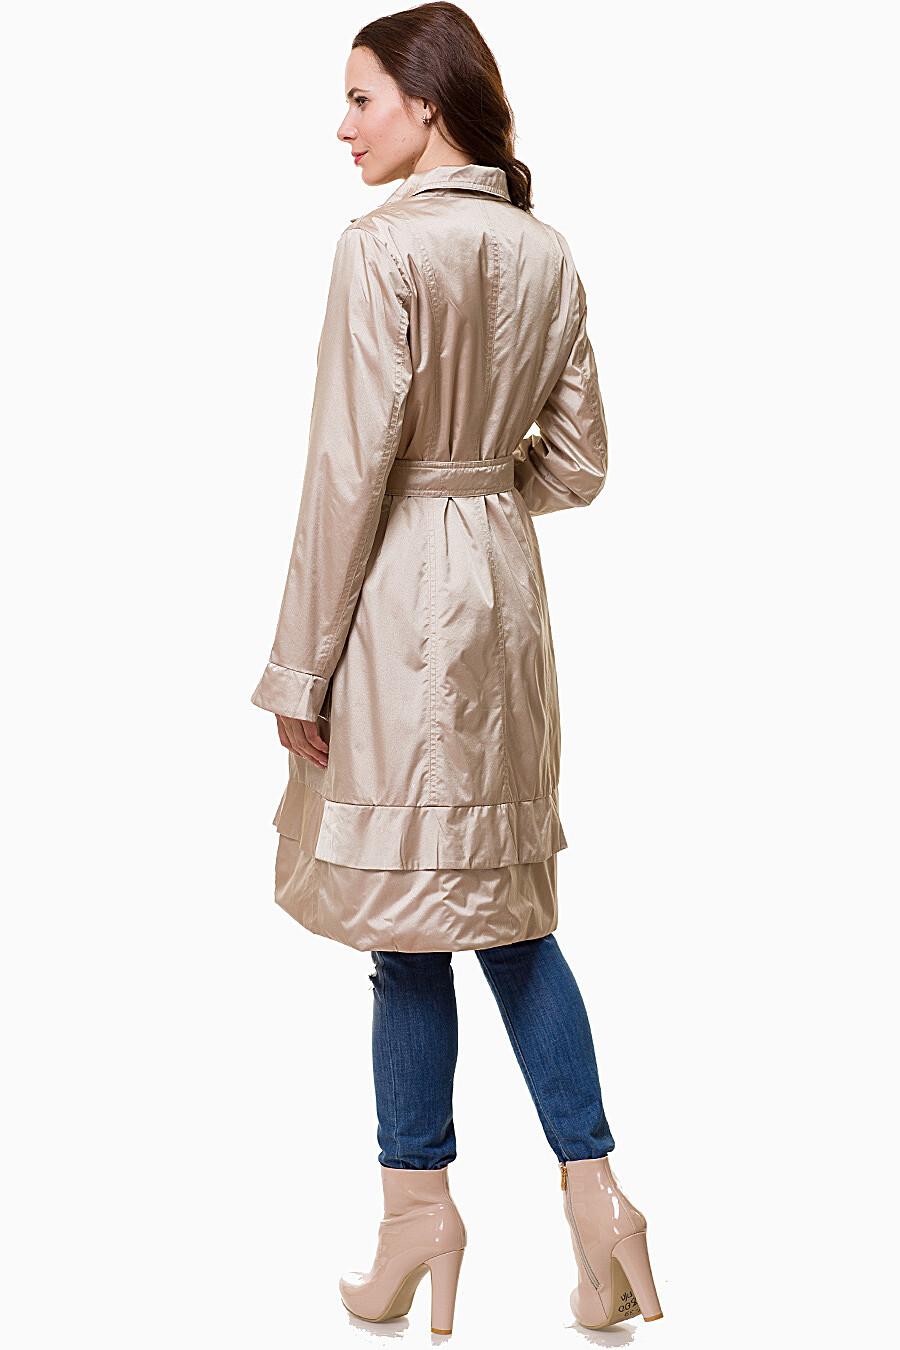 Плащ DIWAY (110832), купить в Moyo.moda